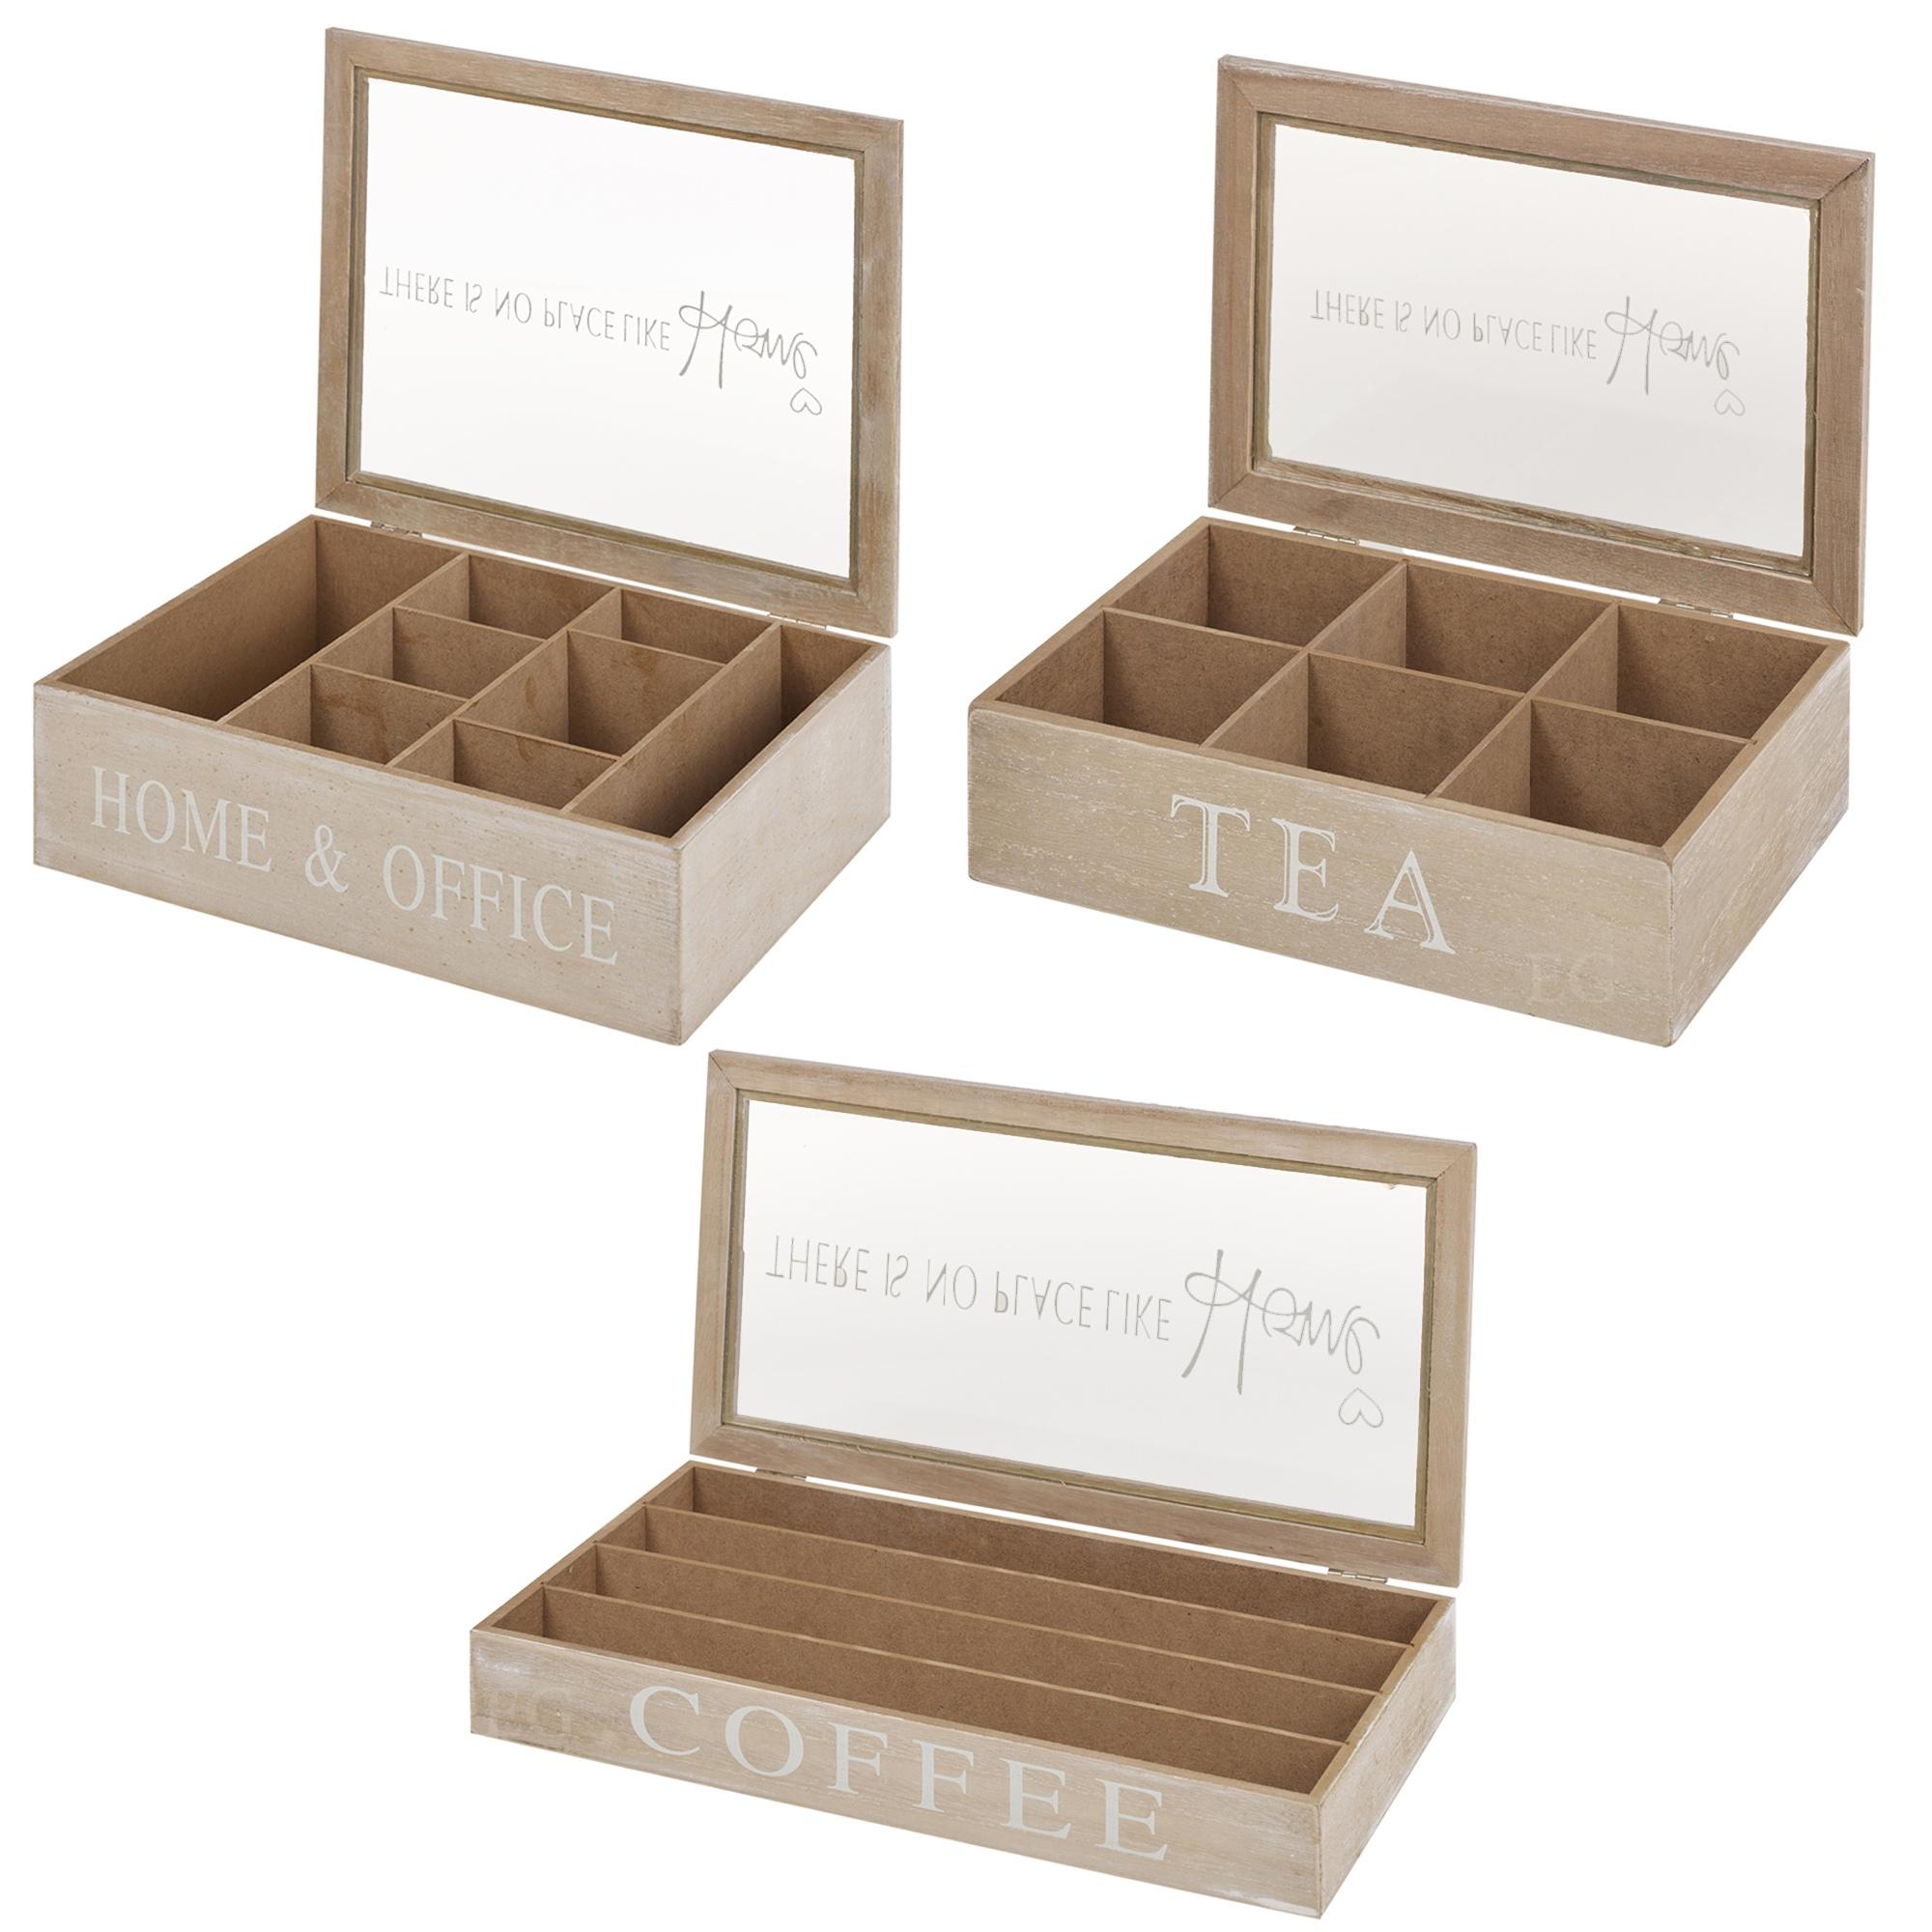 abbastanza In legno tè Scatole/caffè Porta-Capsule Contenitore Di Stoccaggio  KO57